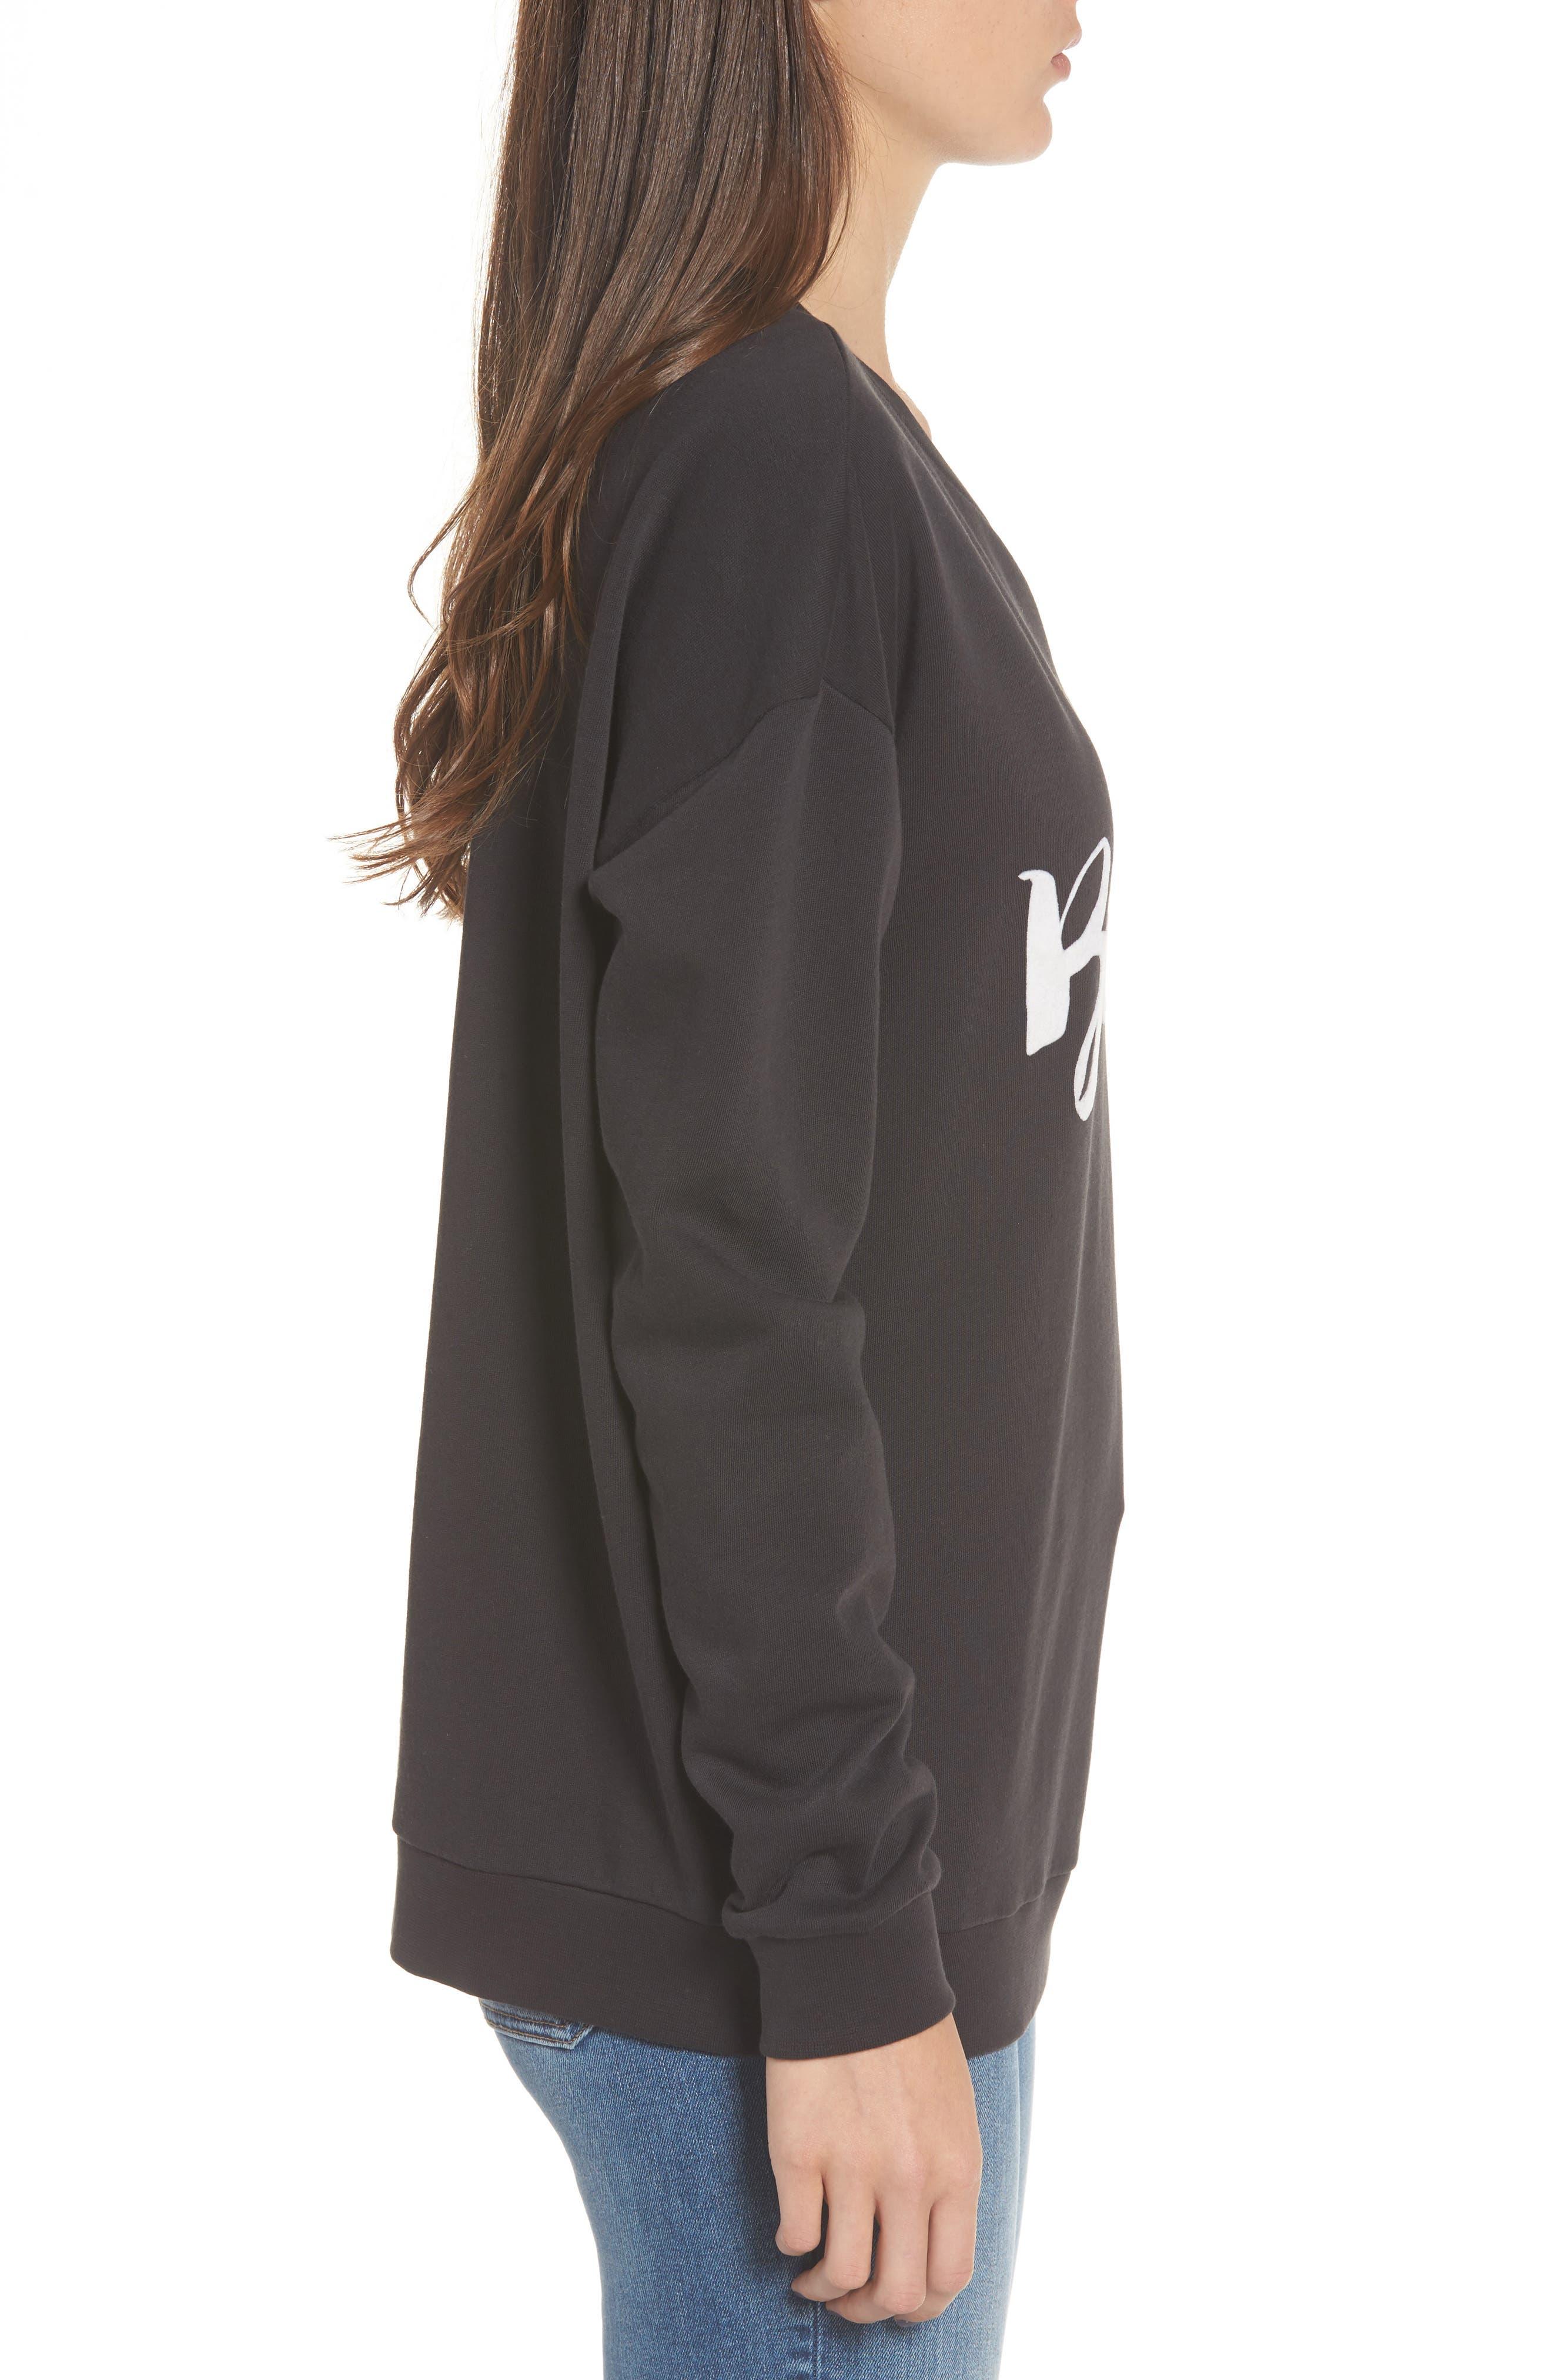 Bisous Sweatshirt,                             Alternate thumbnail 3, color,                             Black